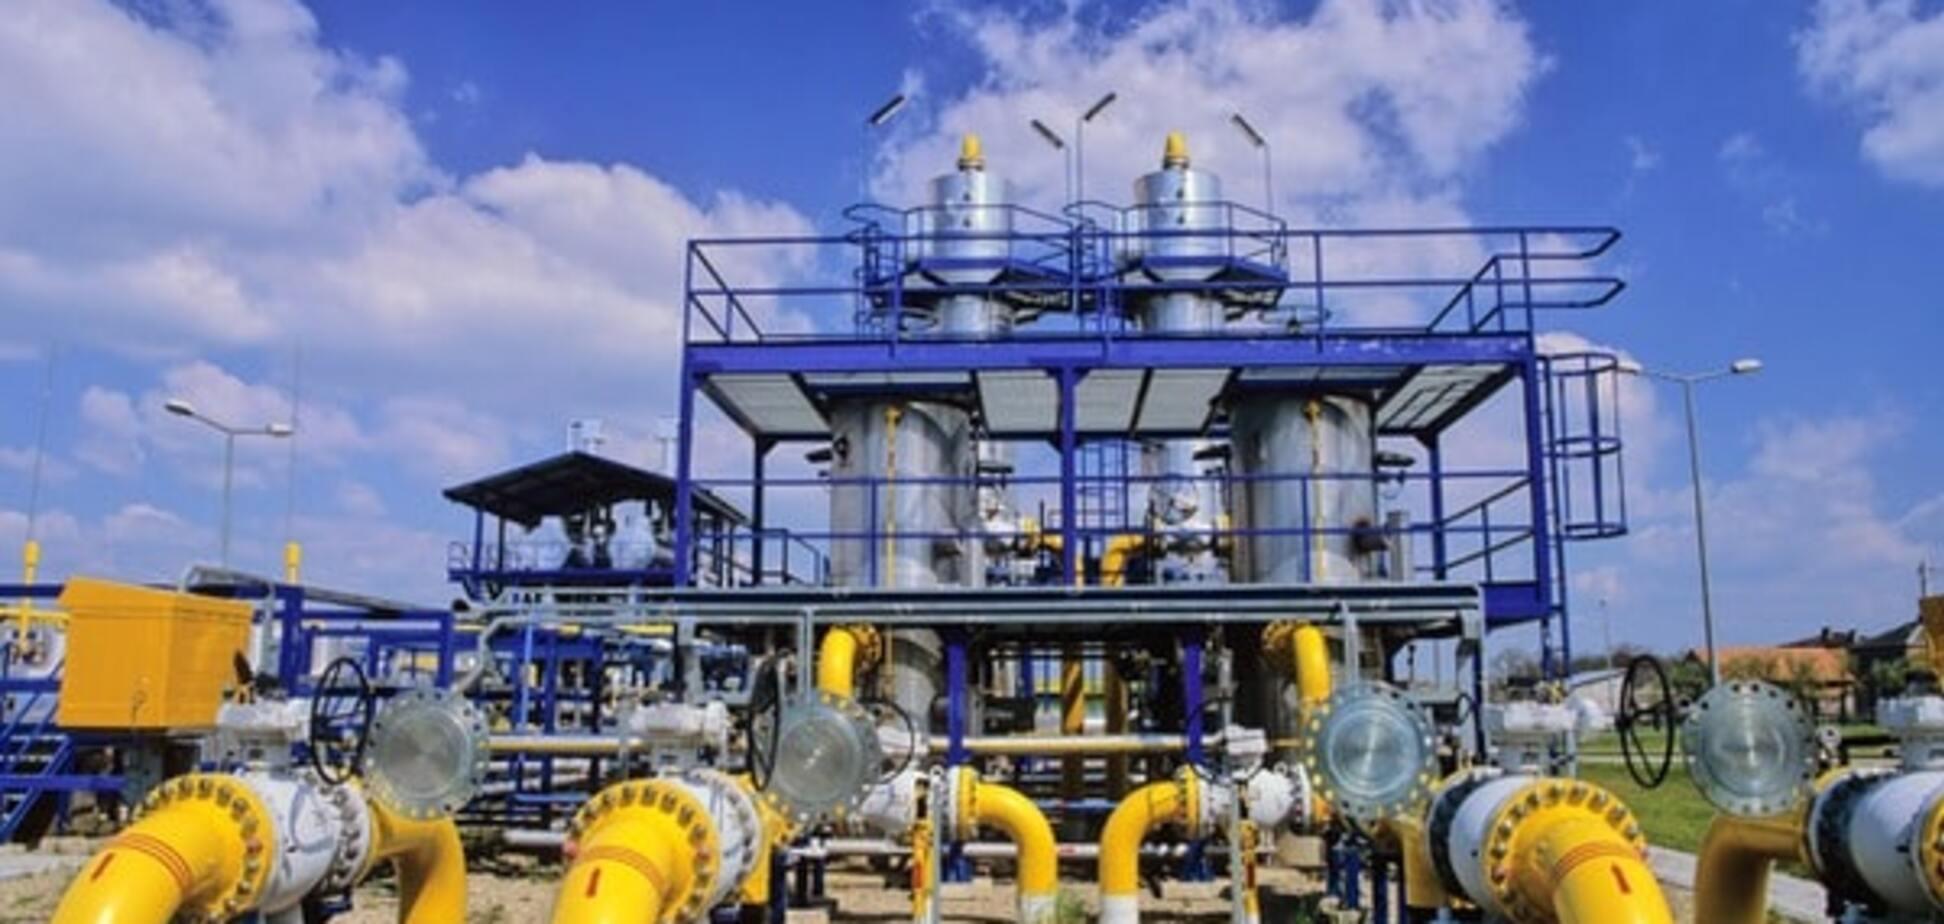 Спецкомиссия выяснит причины аварии на газопроводе - 'Укртрансгаз'